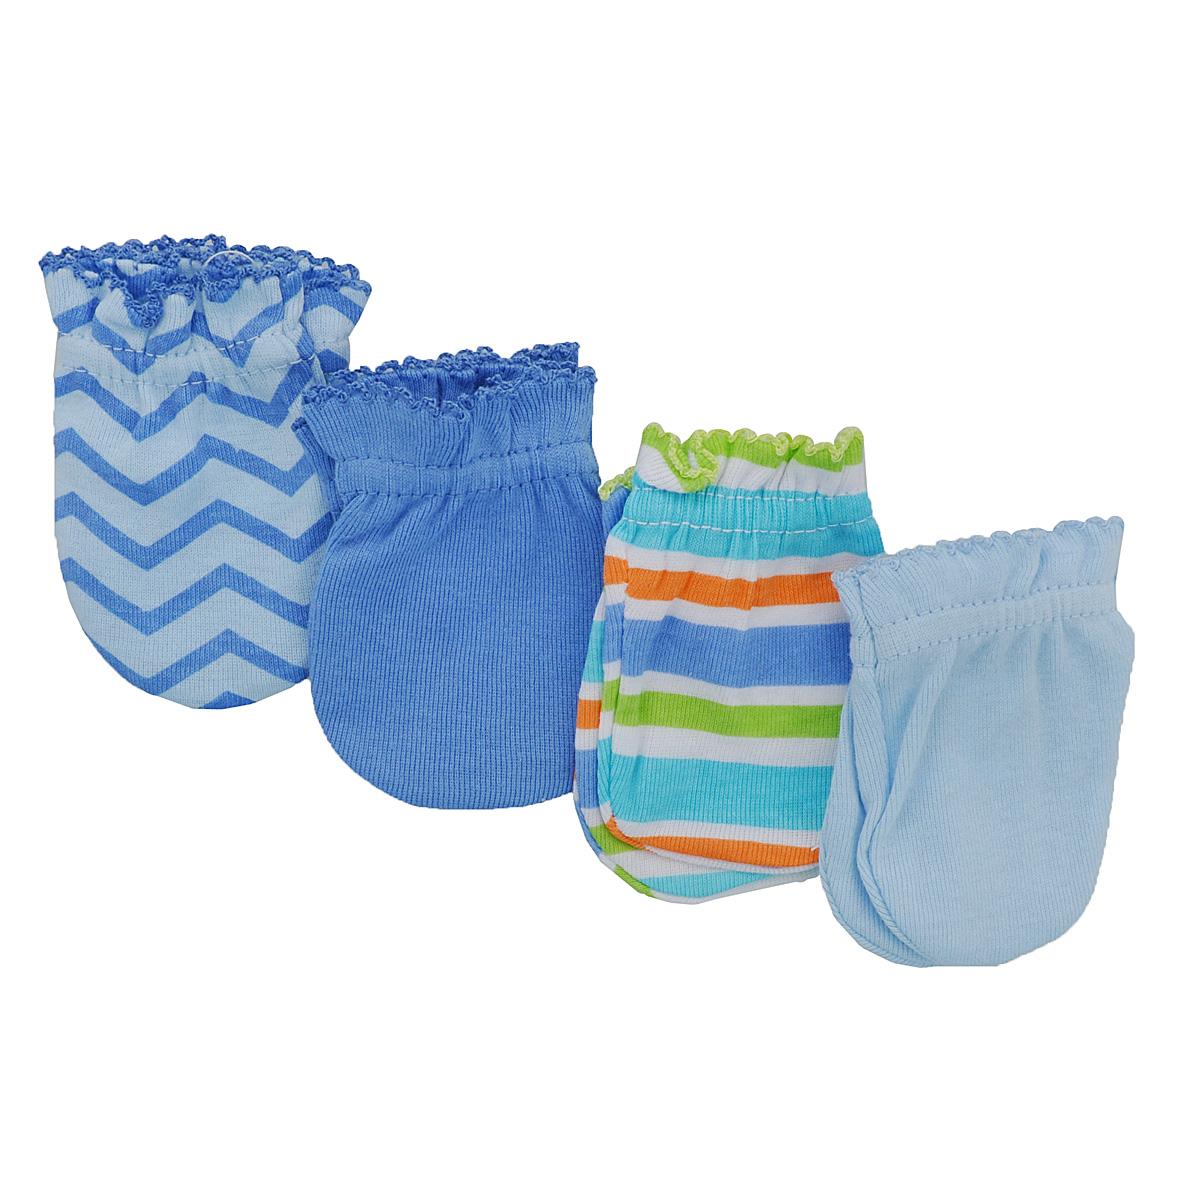 Рукавички для новорожденного Luvable Friends, цвет: голубой, синий, 4 пары. 34711. Размер 55/67, 0-6 месяцев